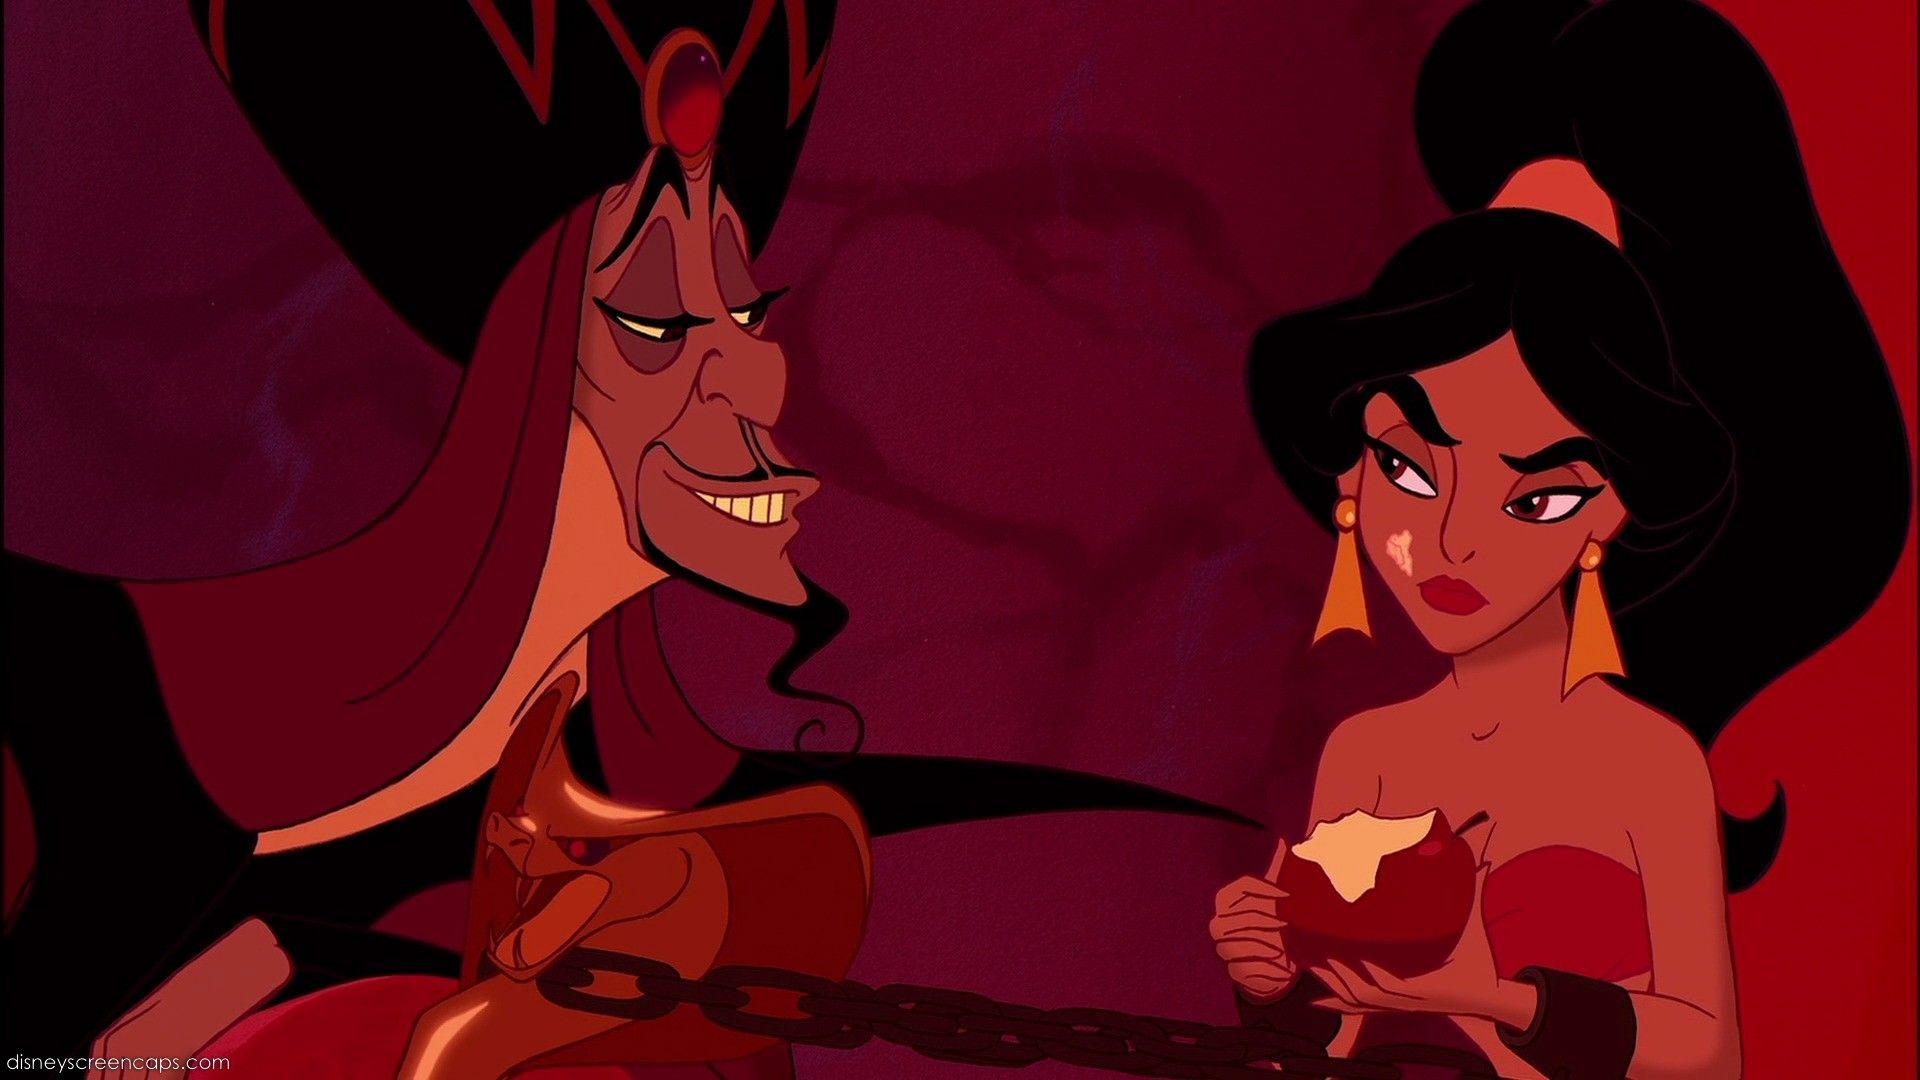 Aladdin 1992 Disney Princess Jasmine Disney Aladdin